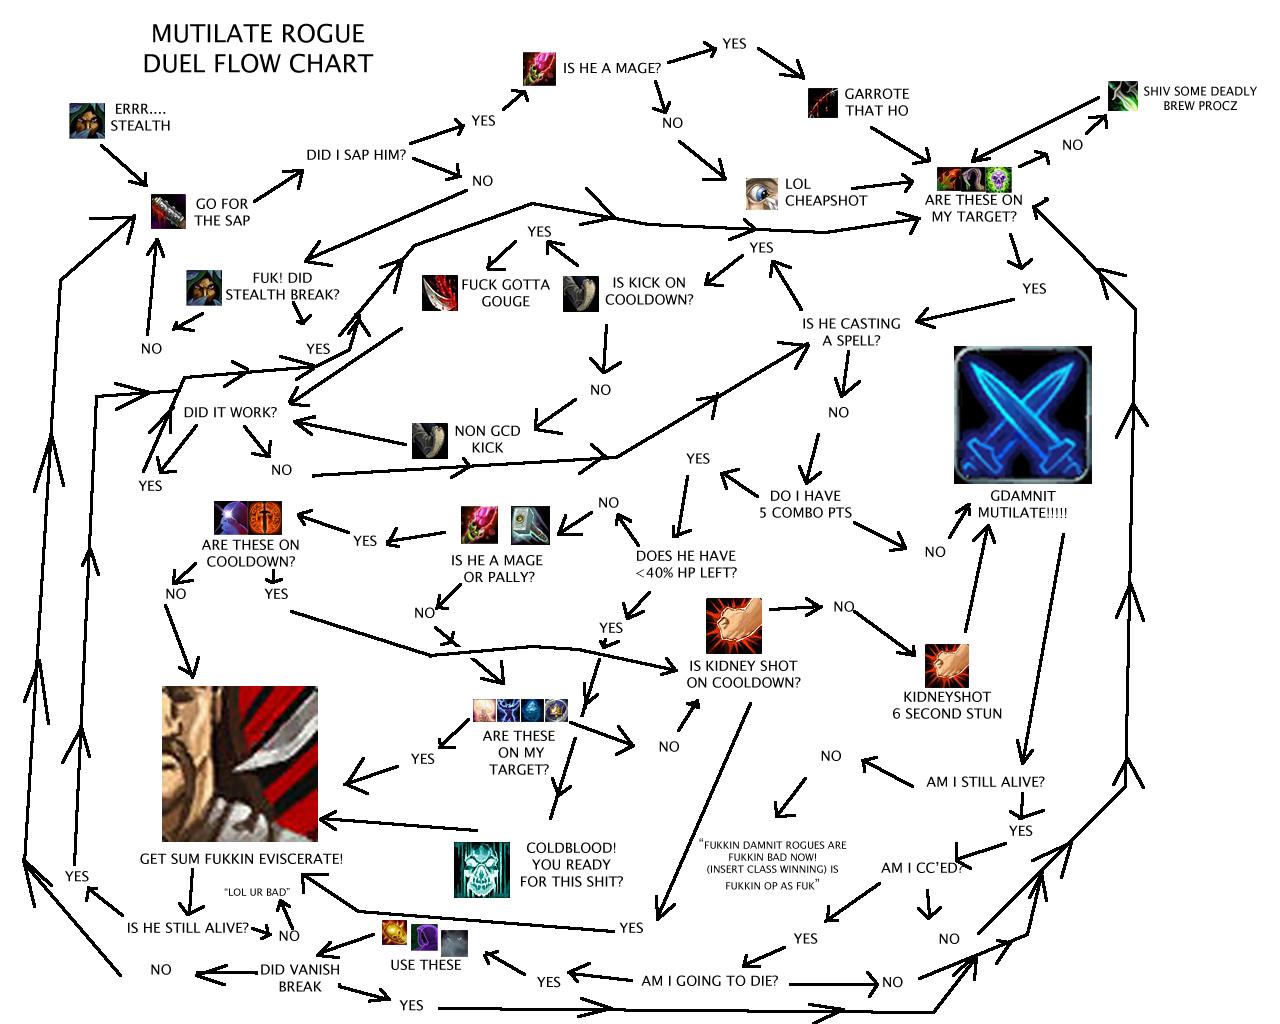 Mutilate rogue duel flow chart